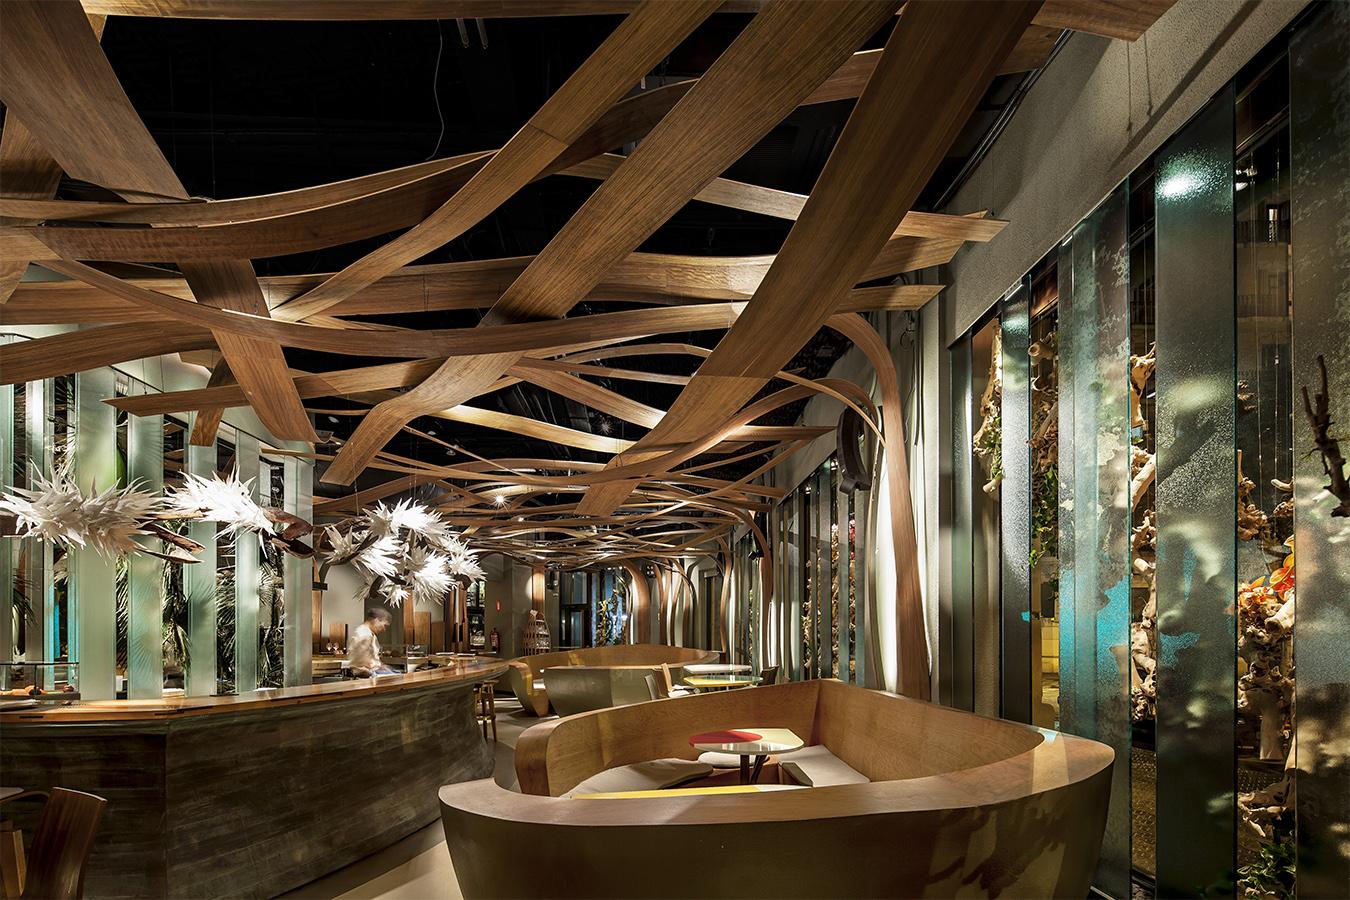 фэнтези картинки деревянного ресторана большой фото отчет